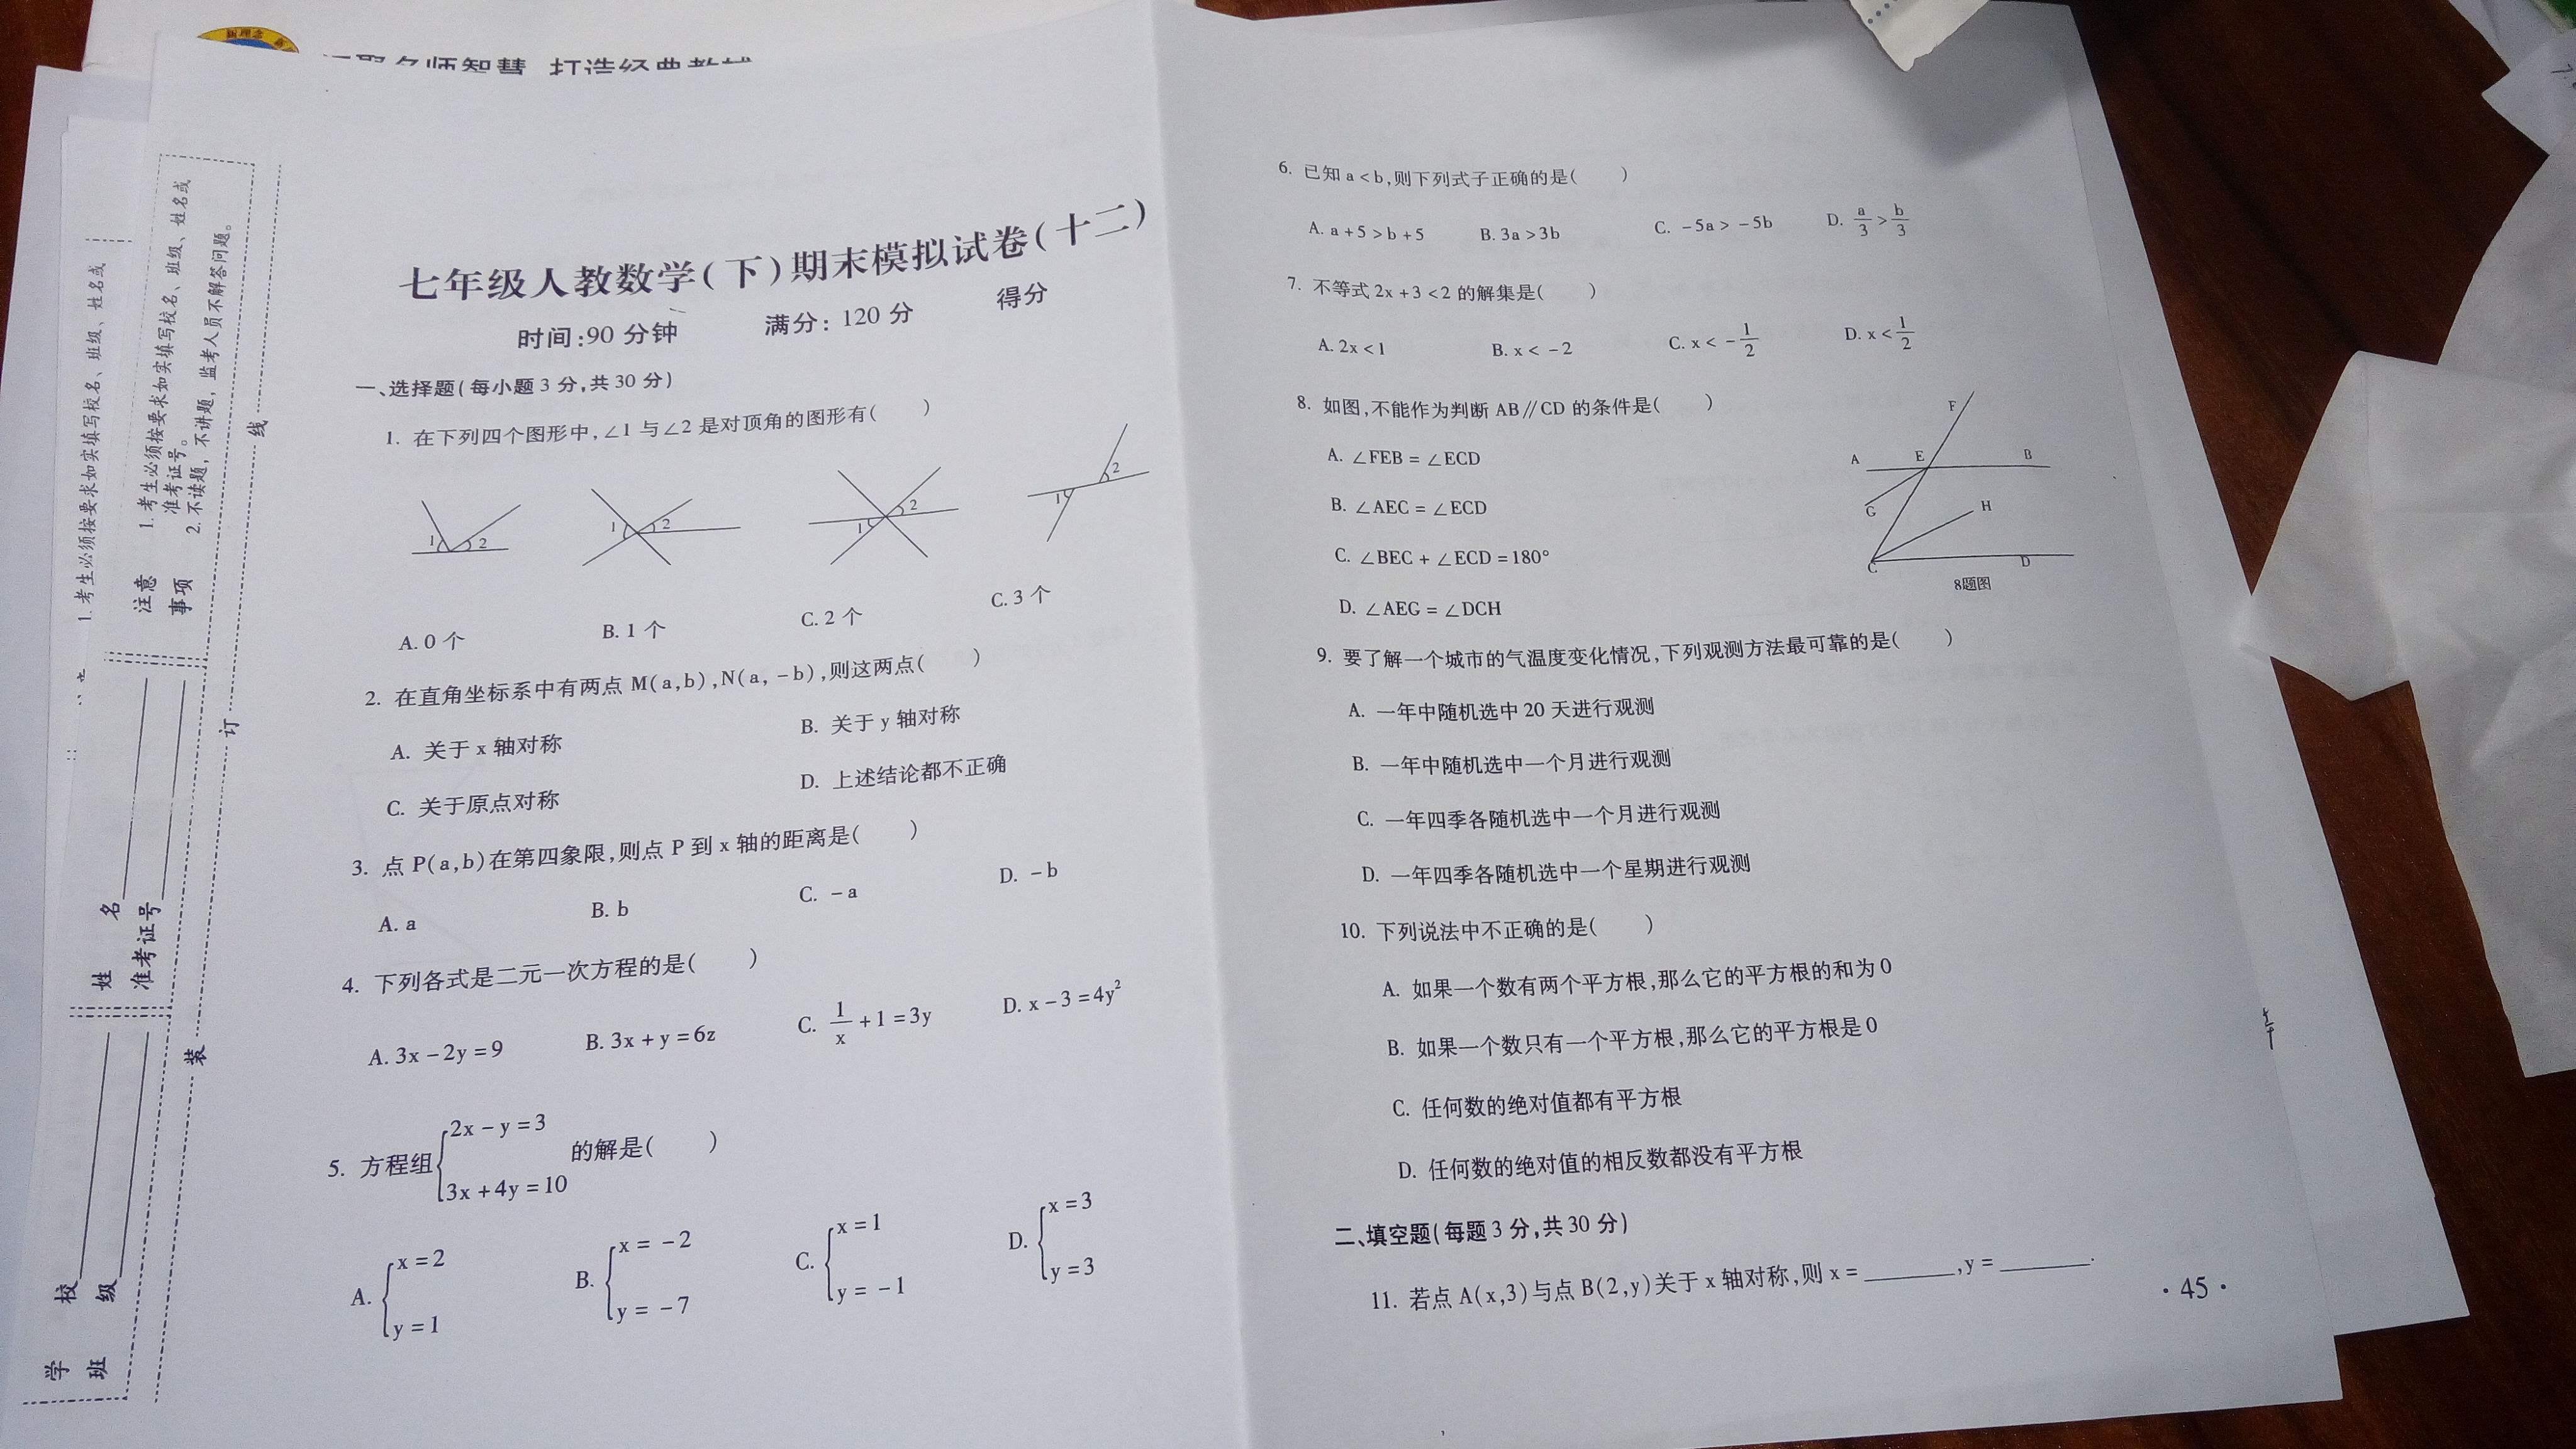 初中数学卷子图片(大全)